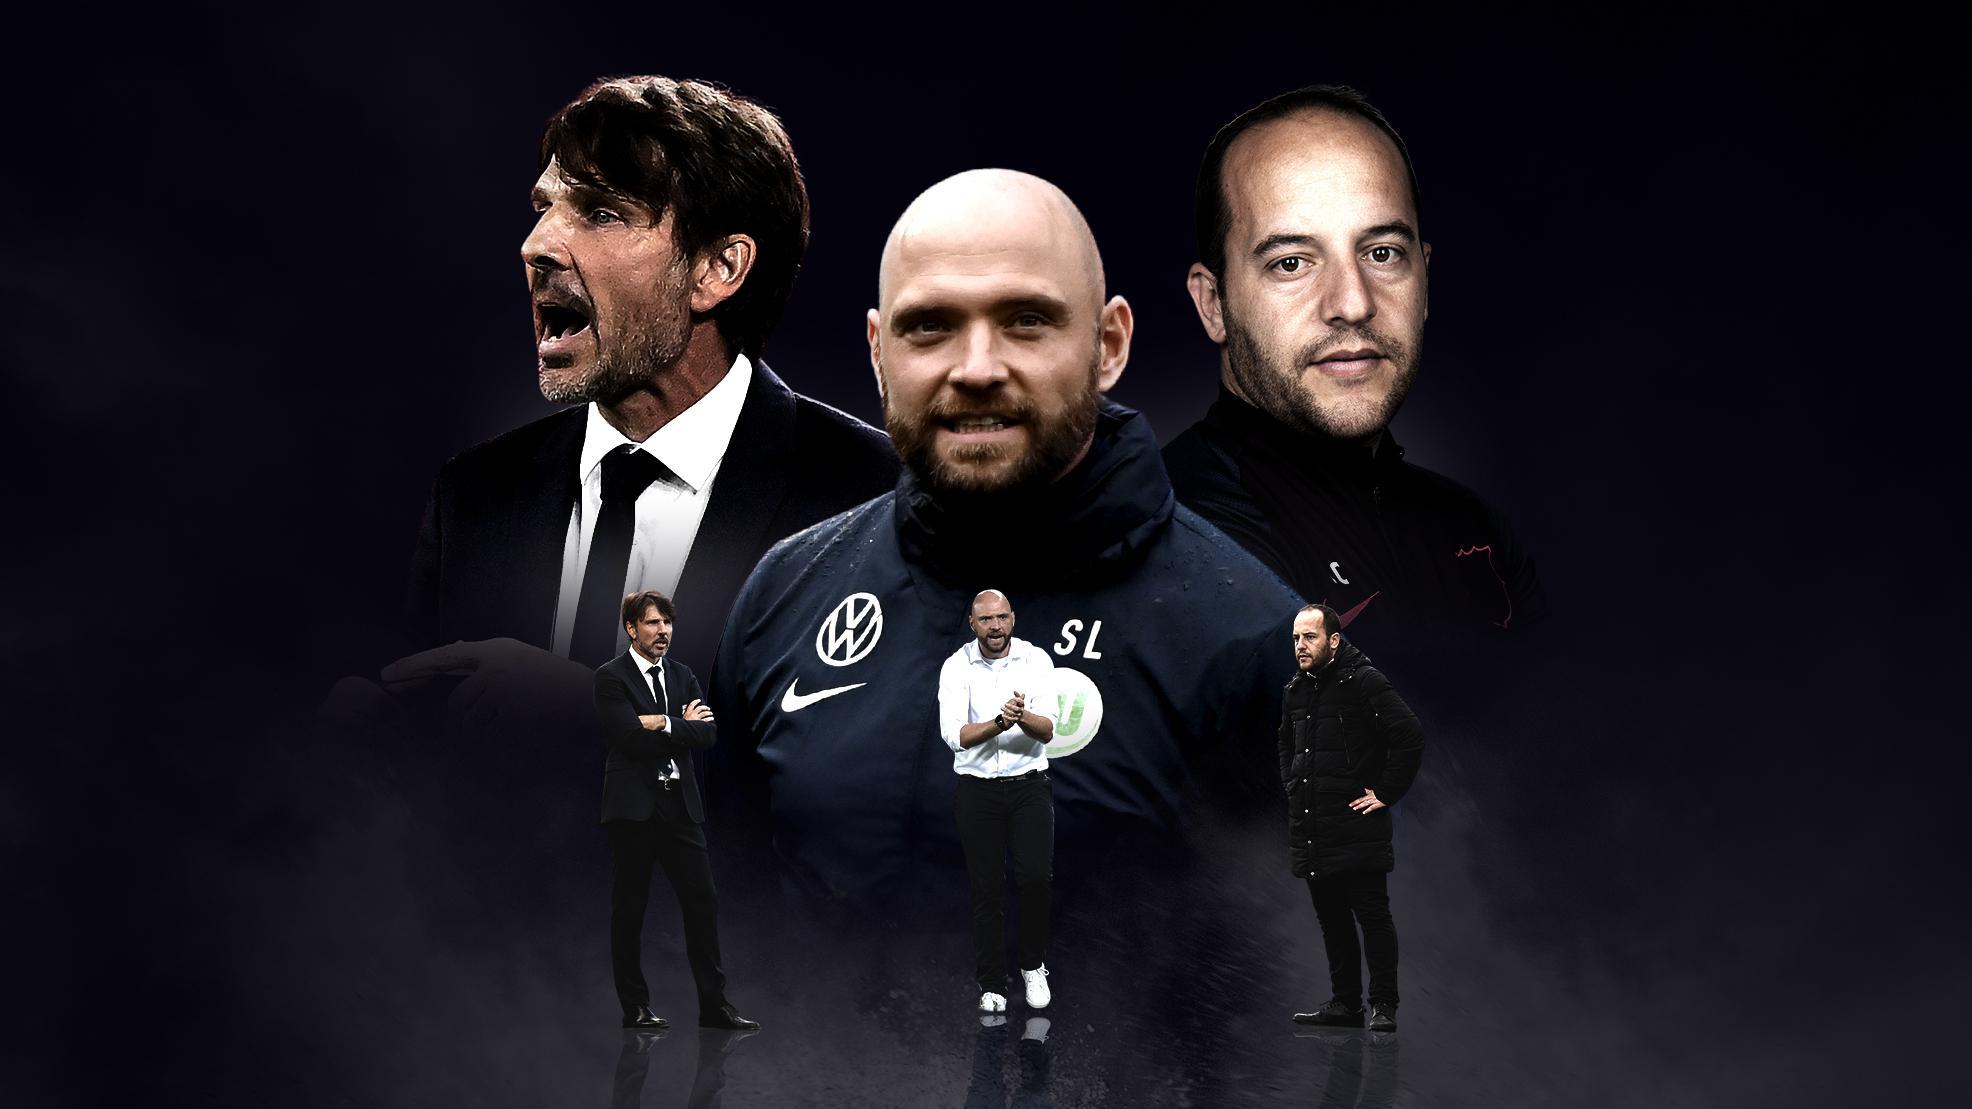 Entraîneur d'équipe féminine de l'année UEFA, Cortés, Lerch et Vasseur nommés